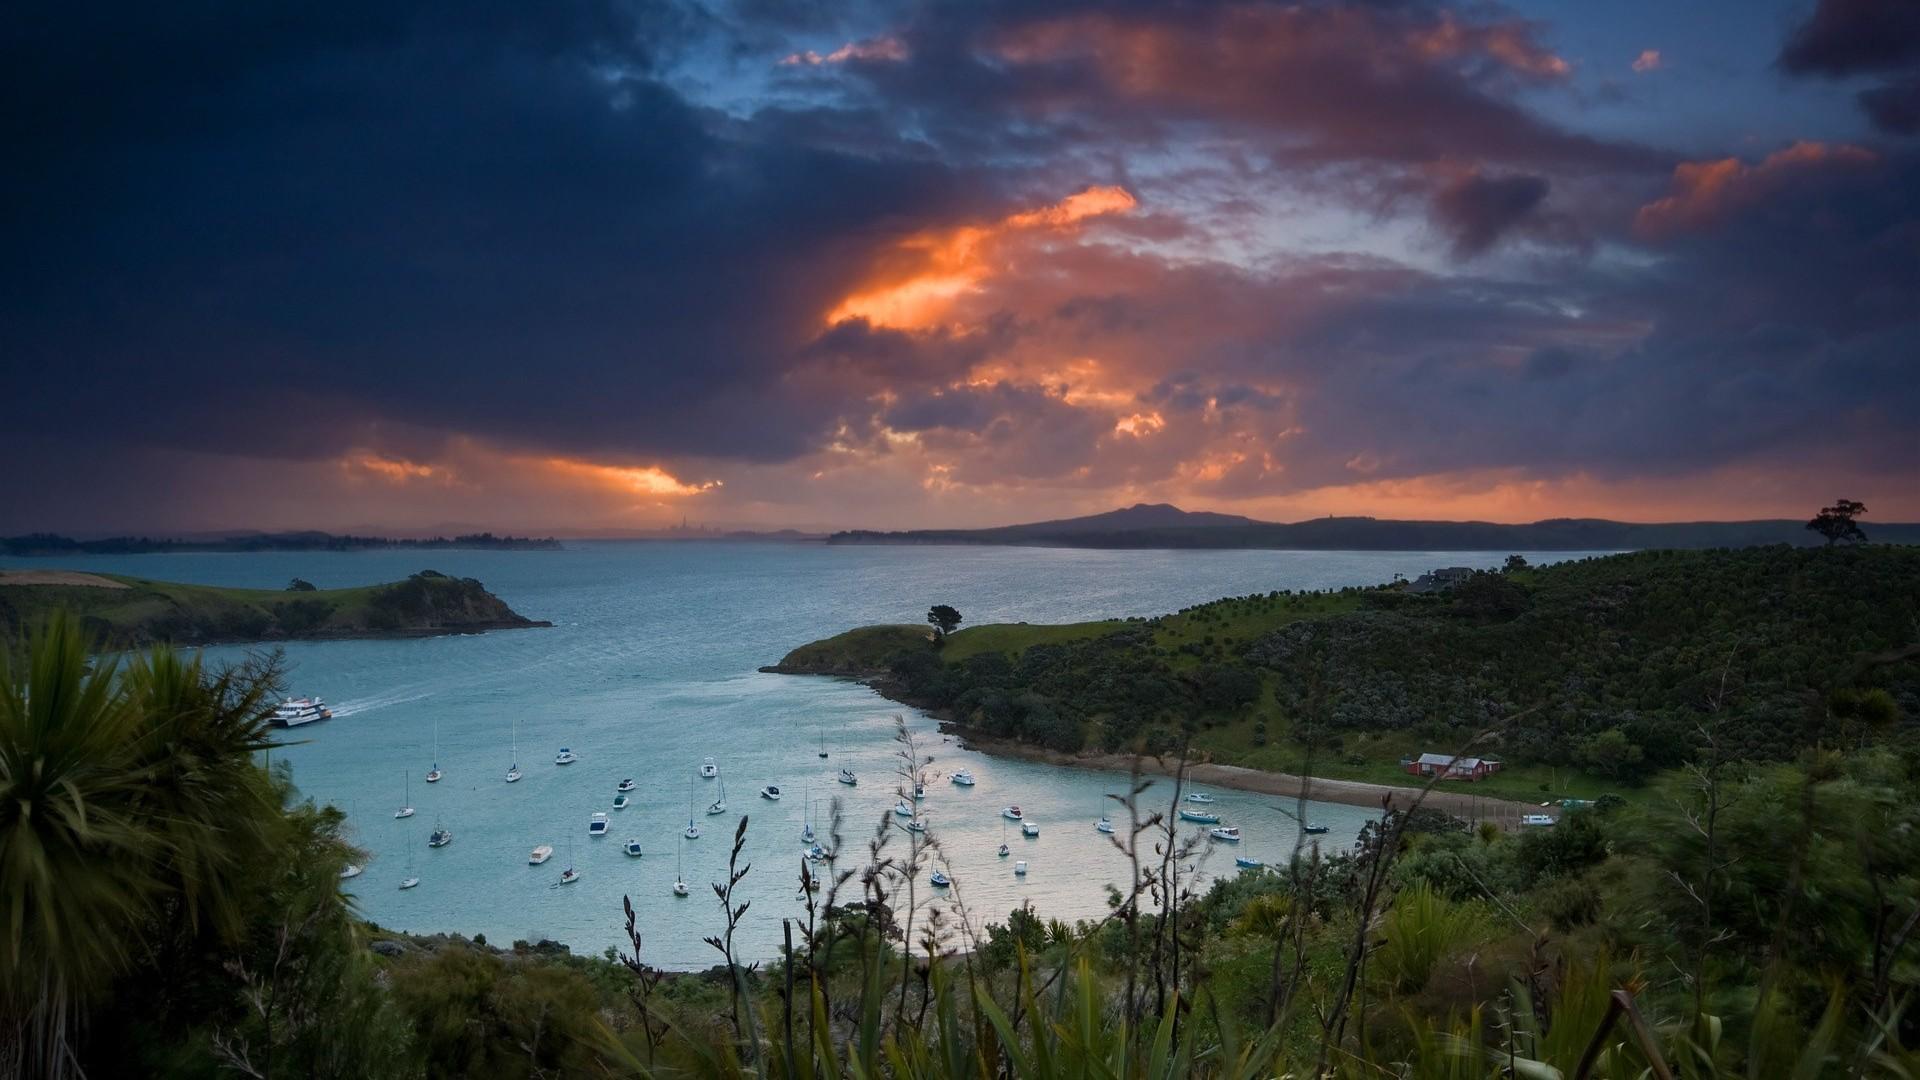 新西兰郊外风景风光壁纸